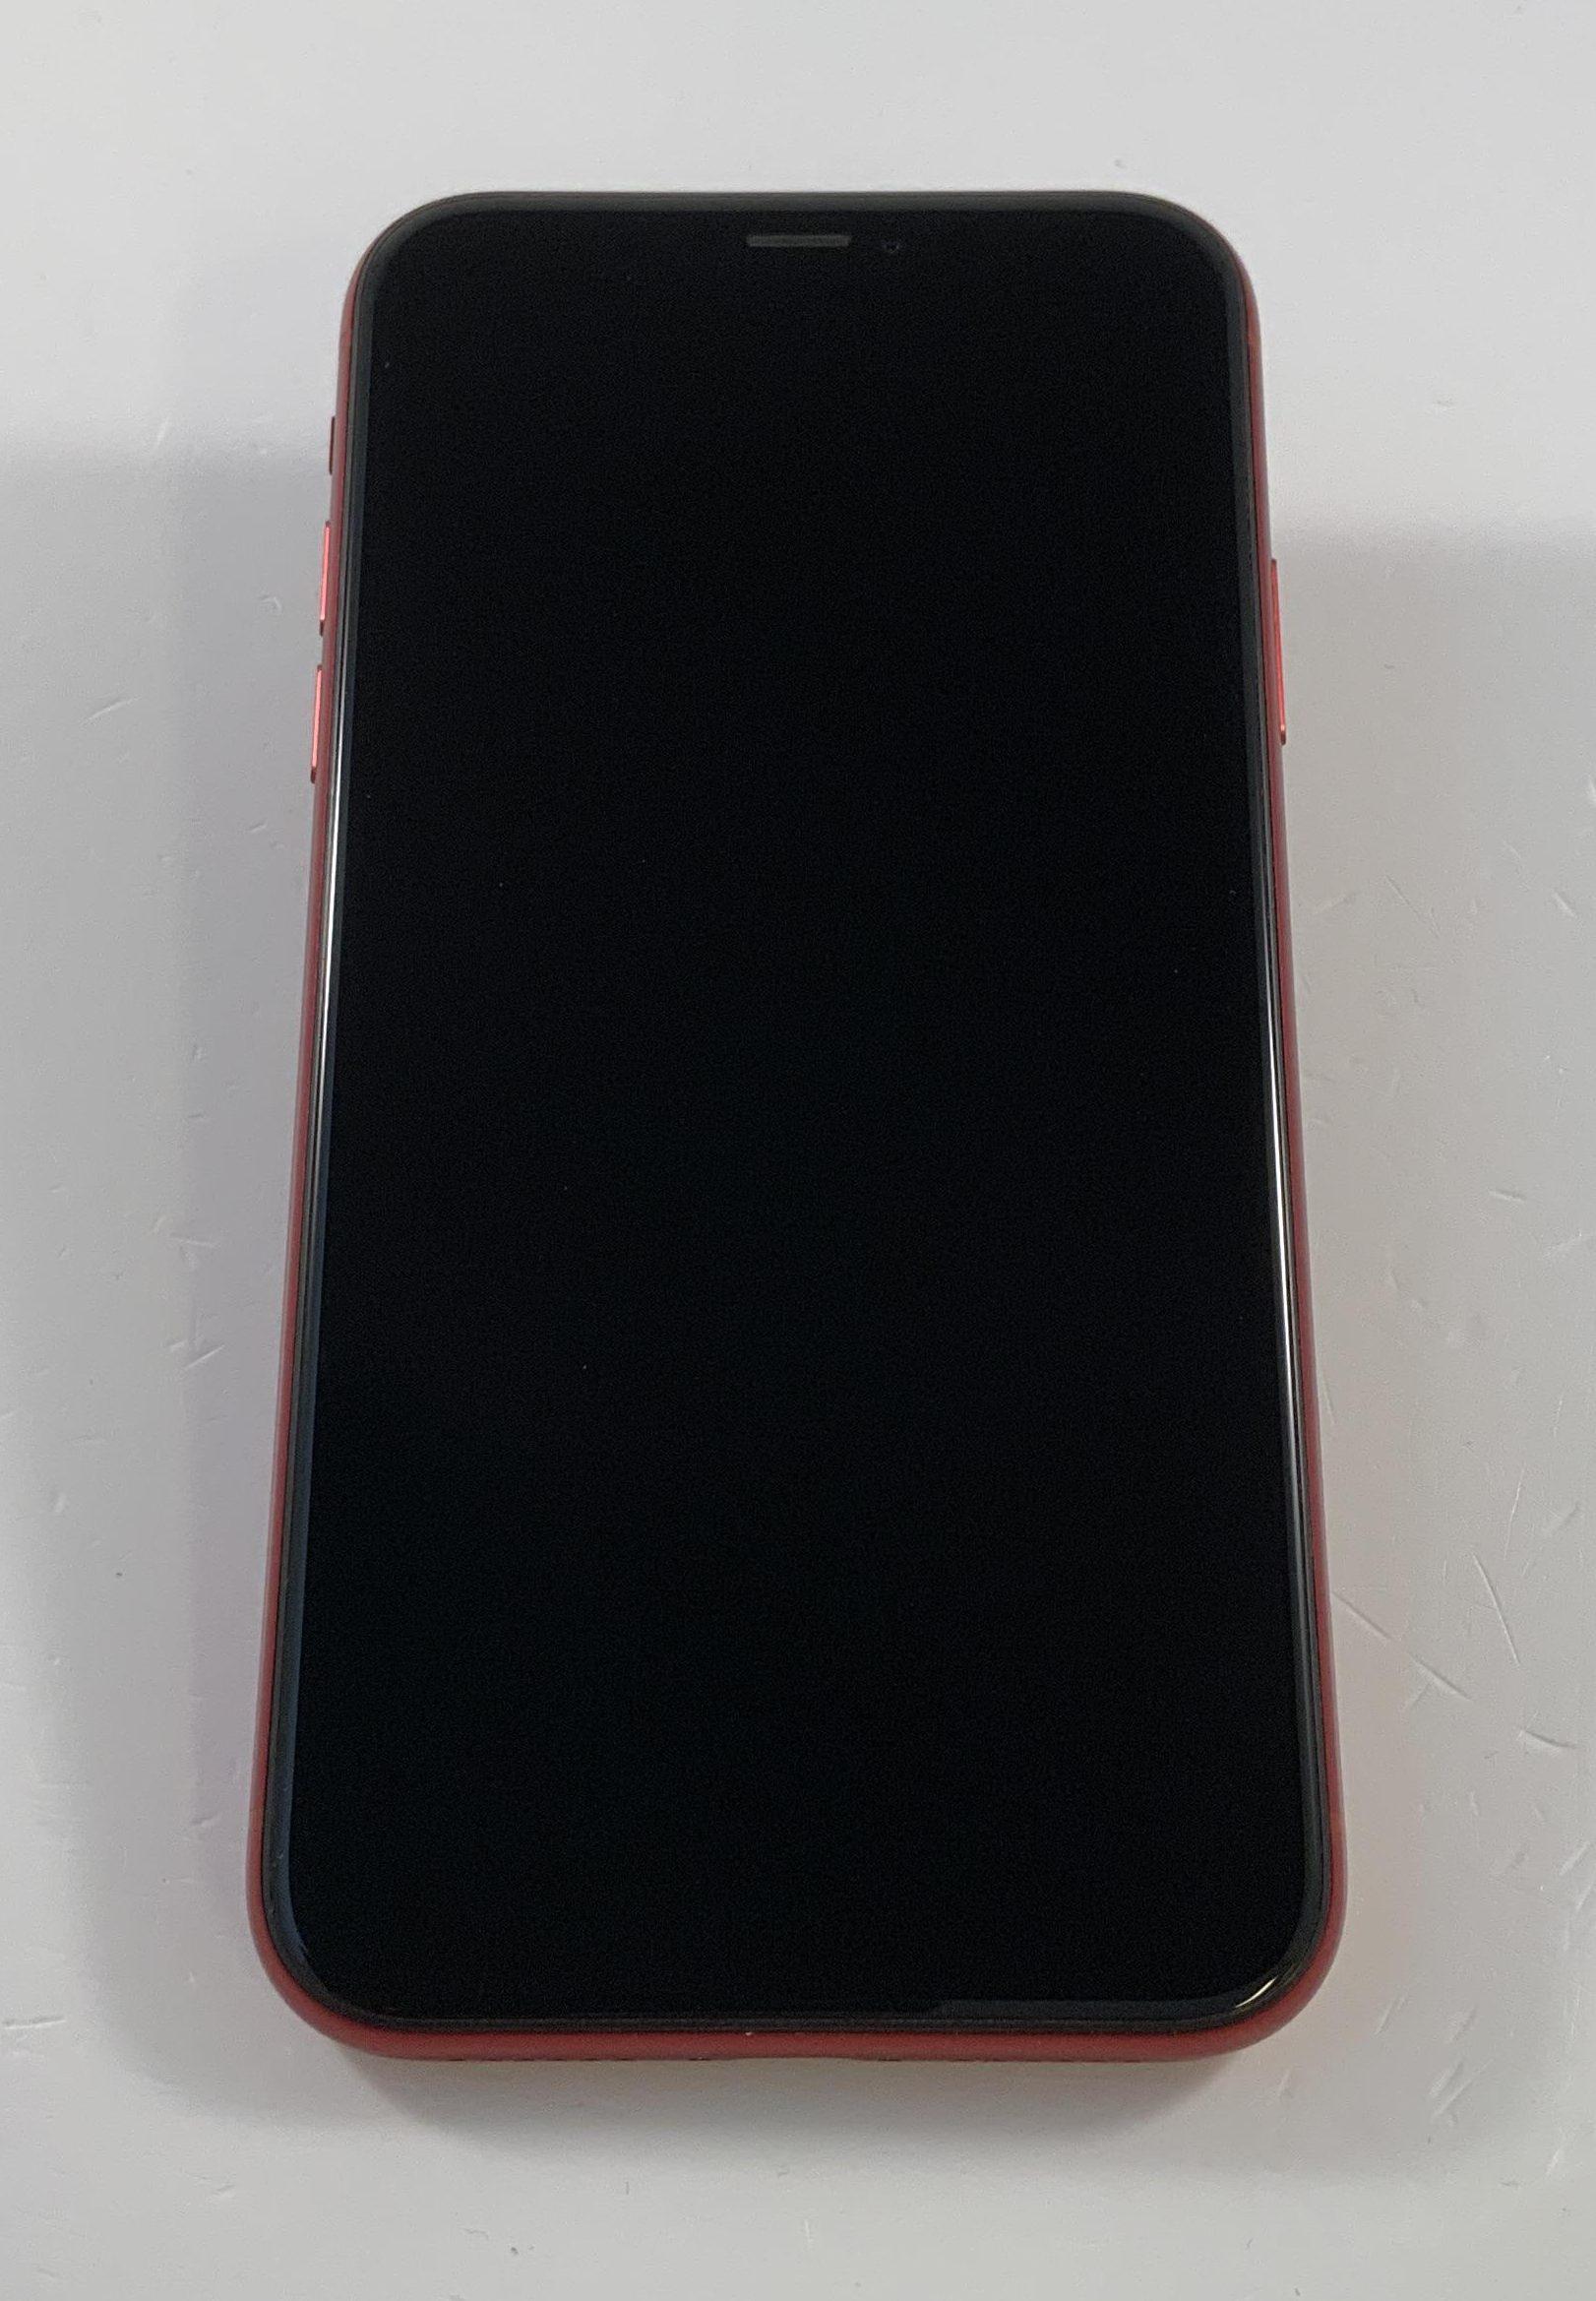 iPhone XR 128GB, 128GB, Red, Bild 1